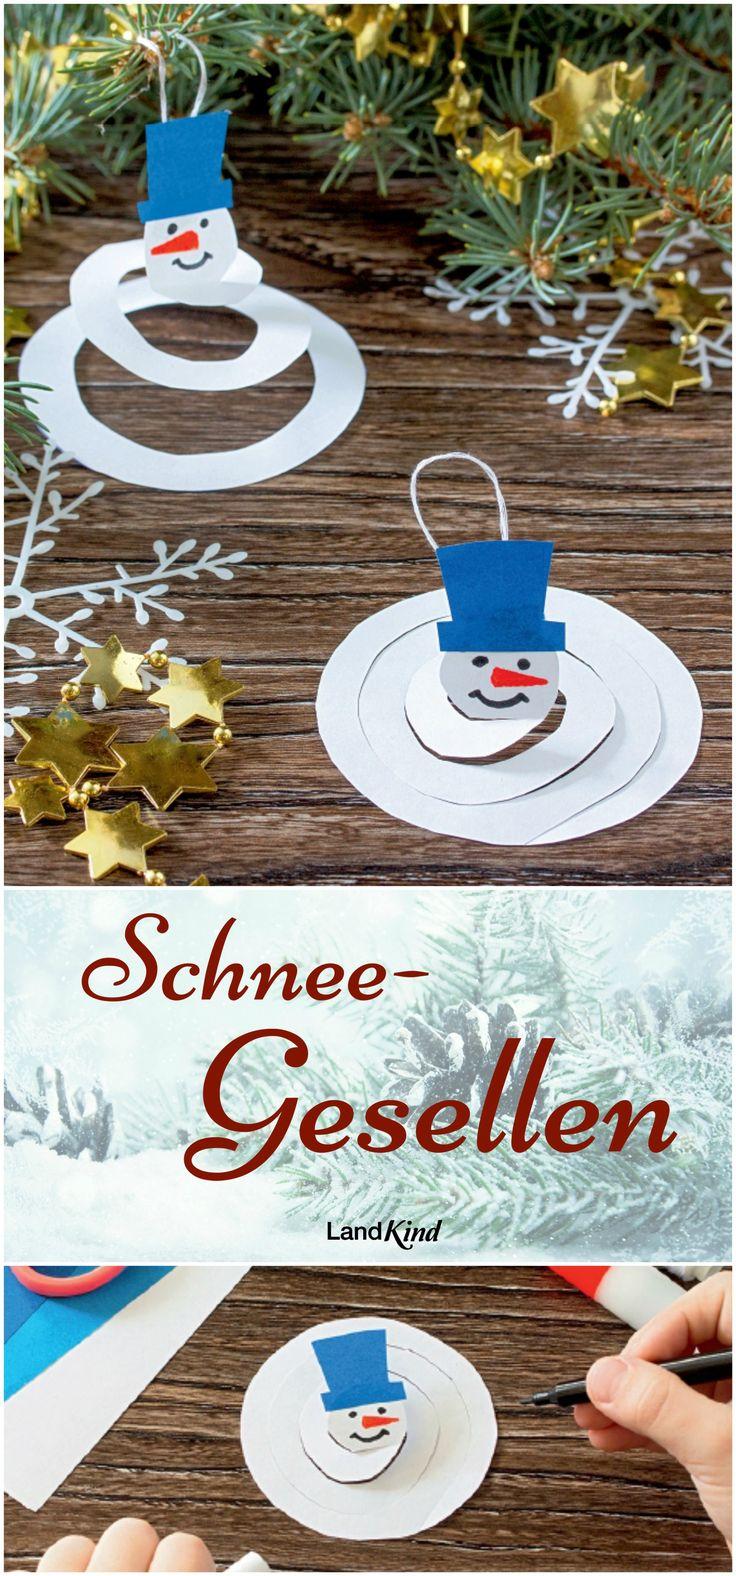 Kinderleichte Bastelidee: Niedliche Schneemänner sind zur Winterzeit stets willkommen. Sind sie aus Papier gebastelt, tropfen sie auch garantiert nicht im warmen Haus. Hier können schon die Kleinsten kreativ werden!